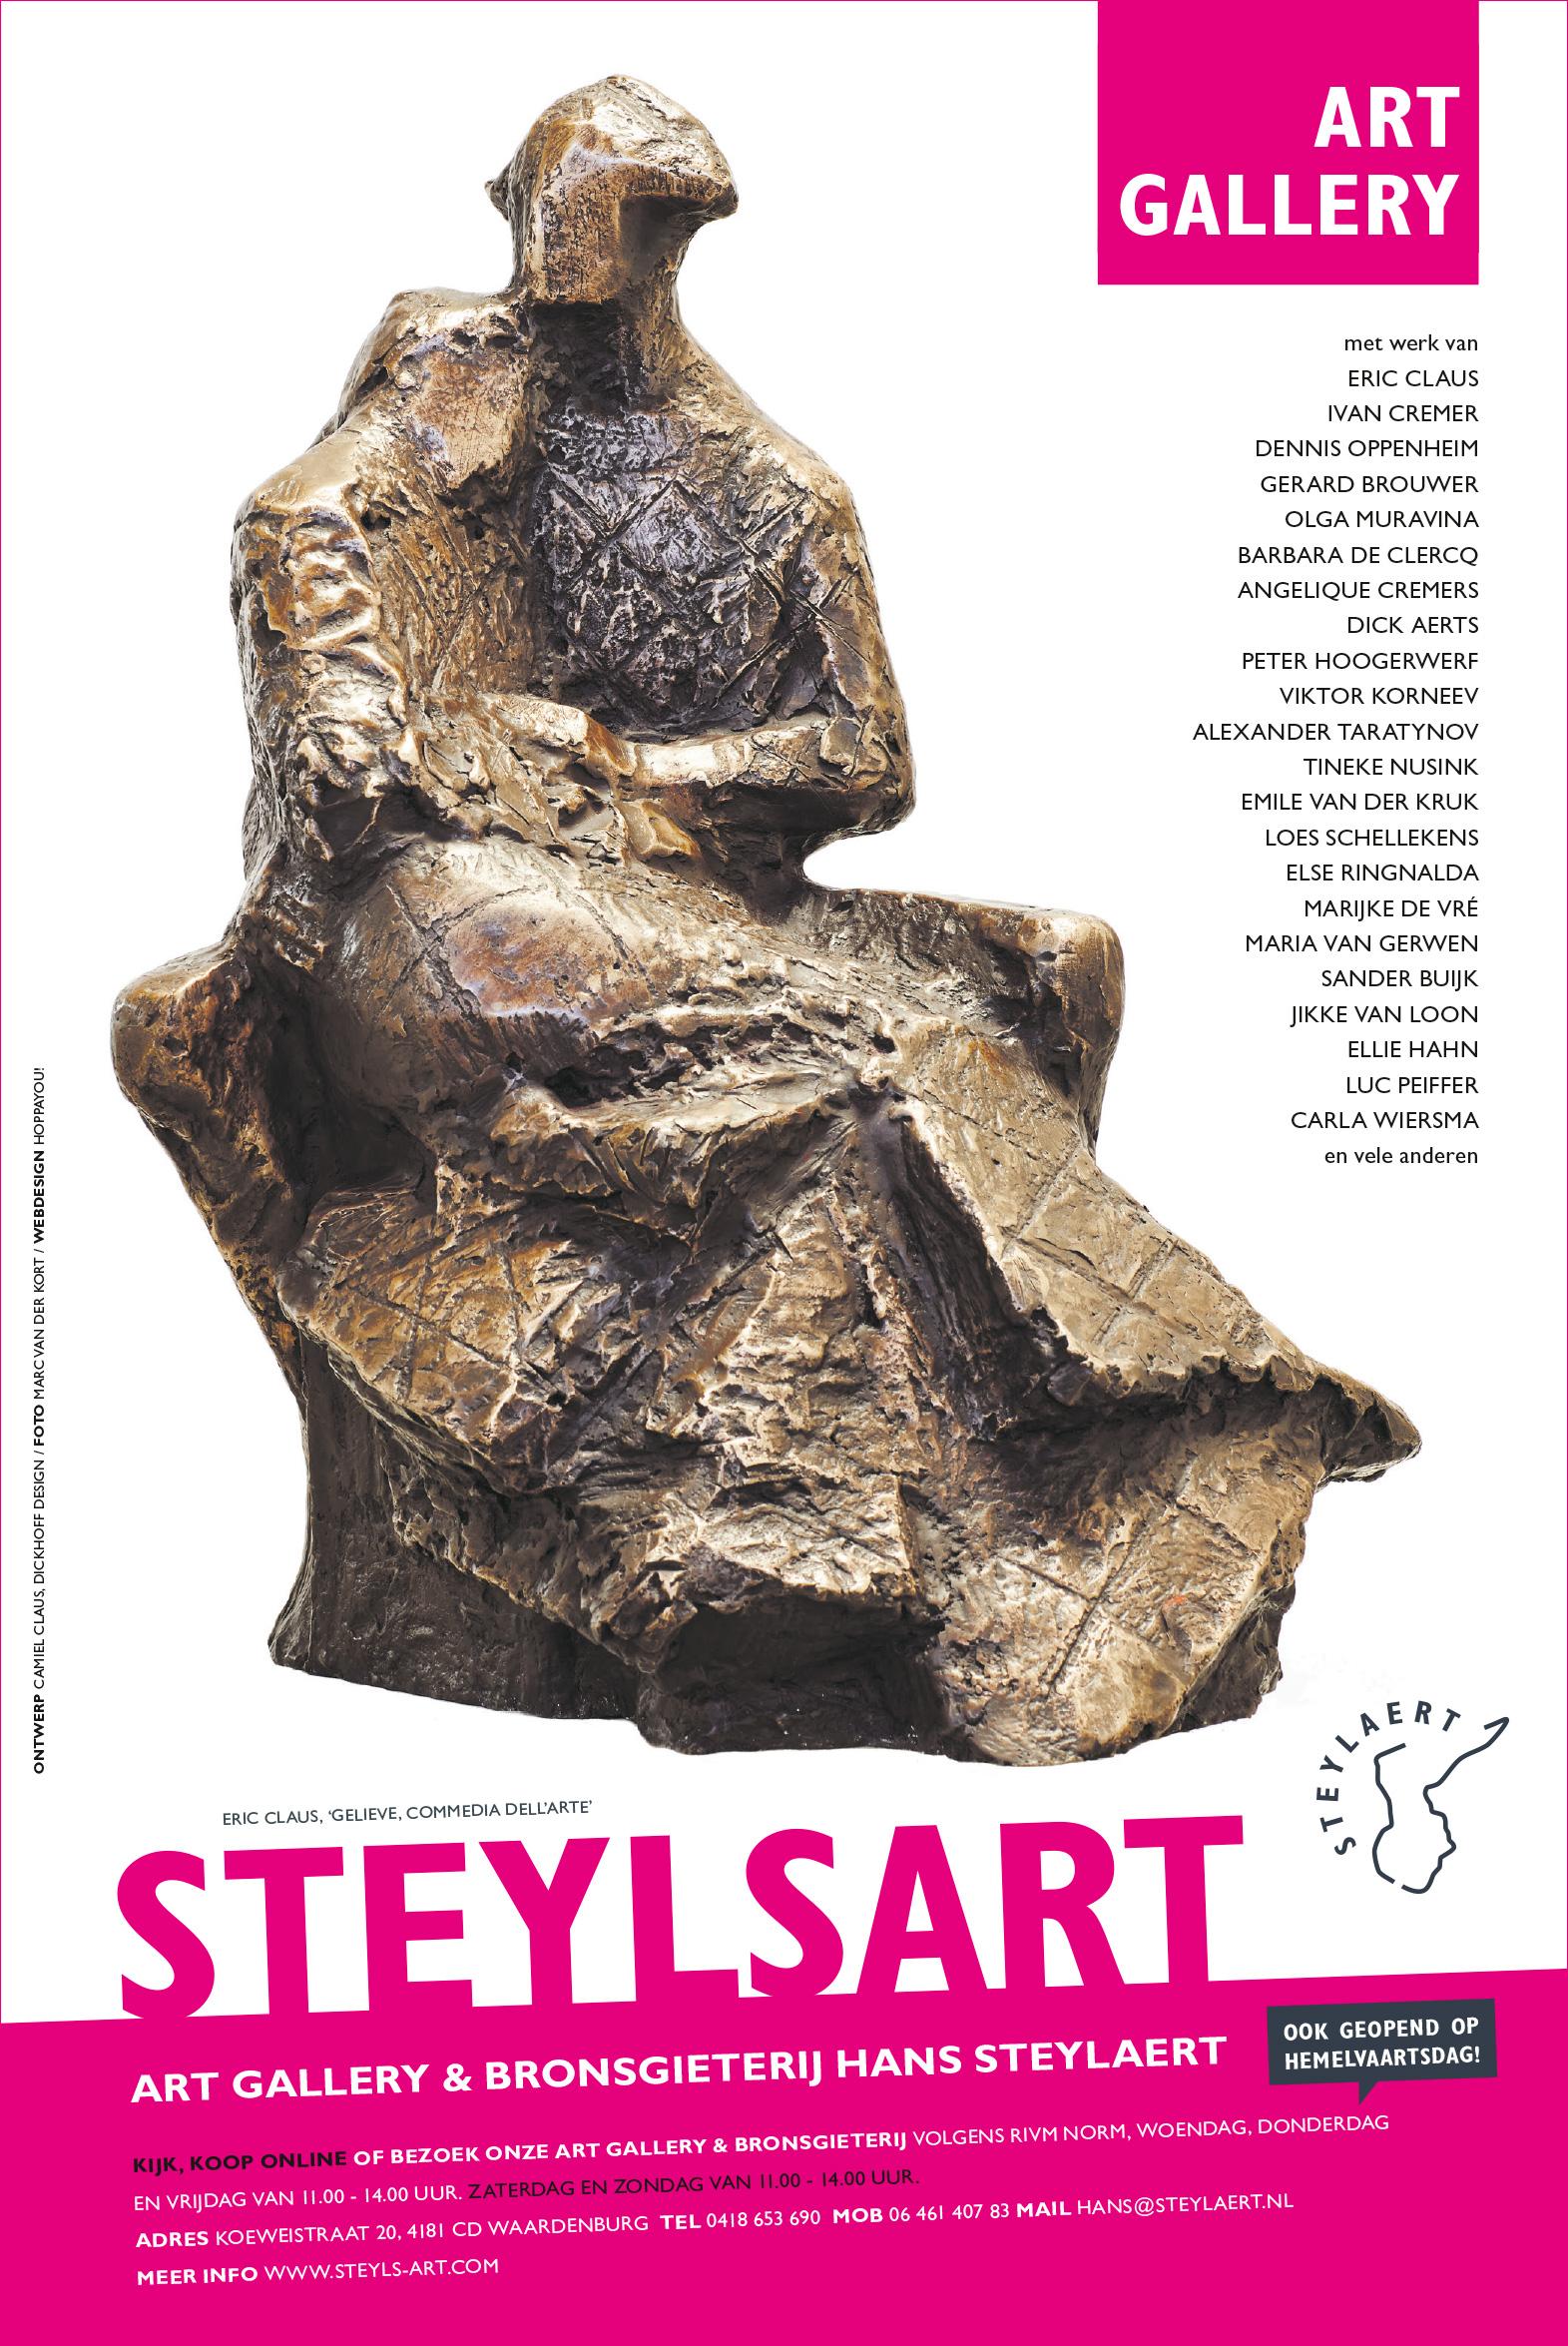 Krant advertentie kunst laten ontwerpen - Eric Claus